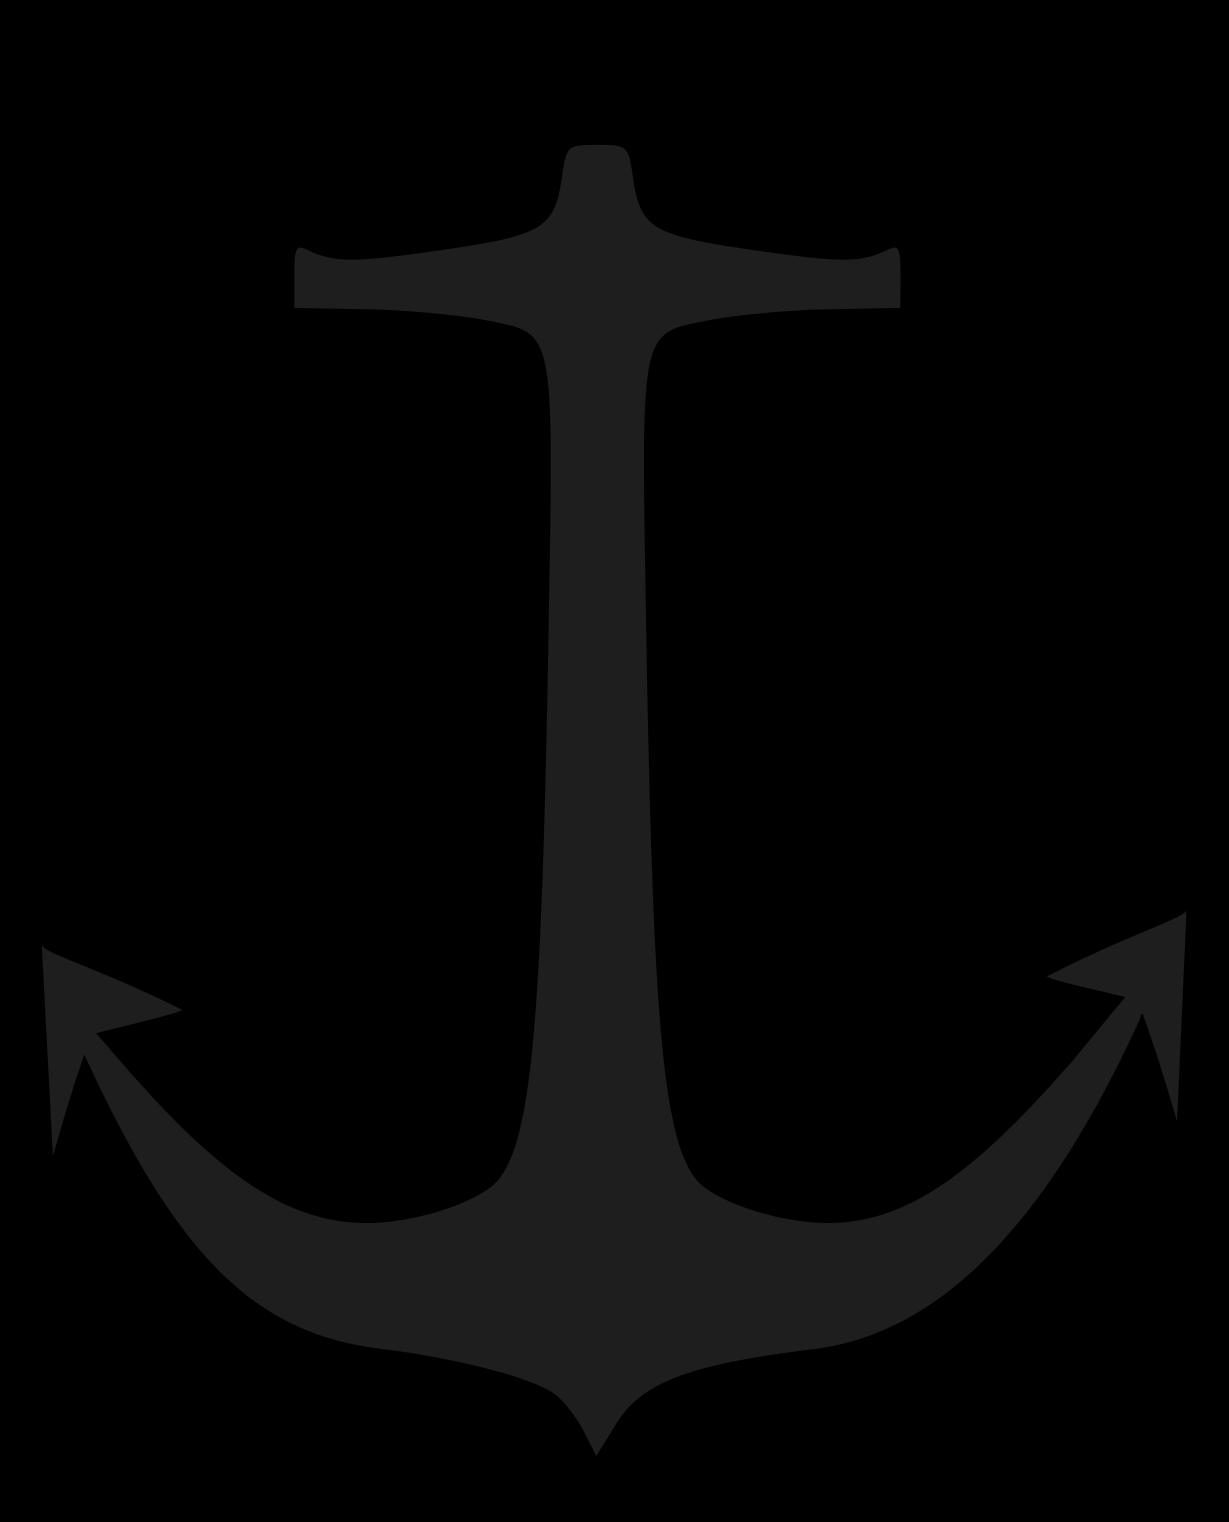 jangkar kapal clipart best clipartbest